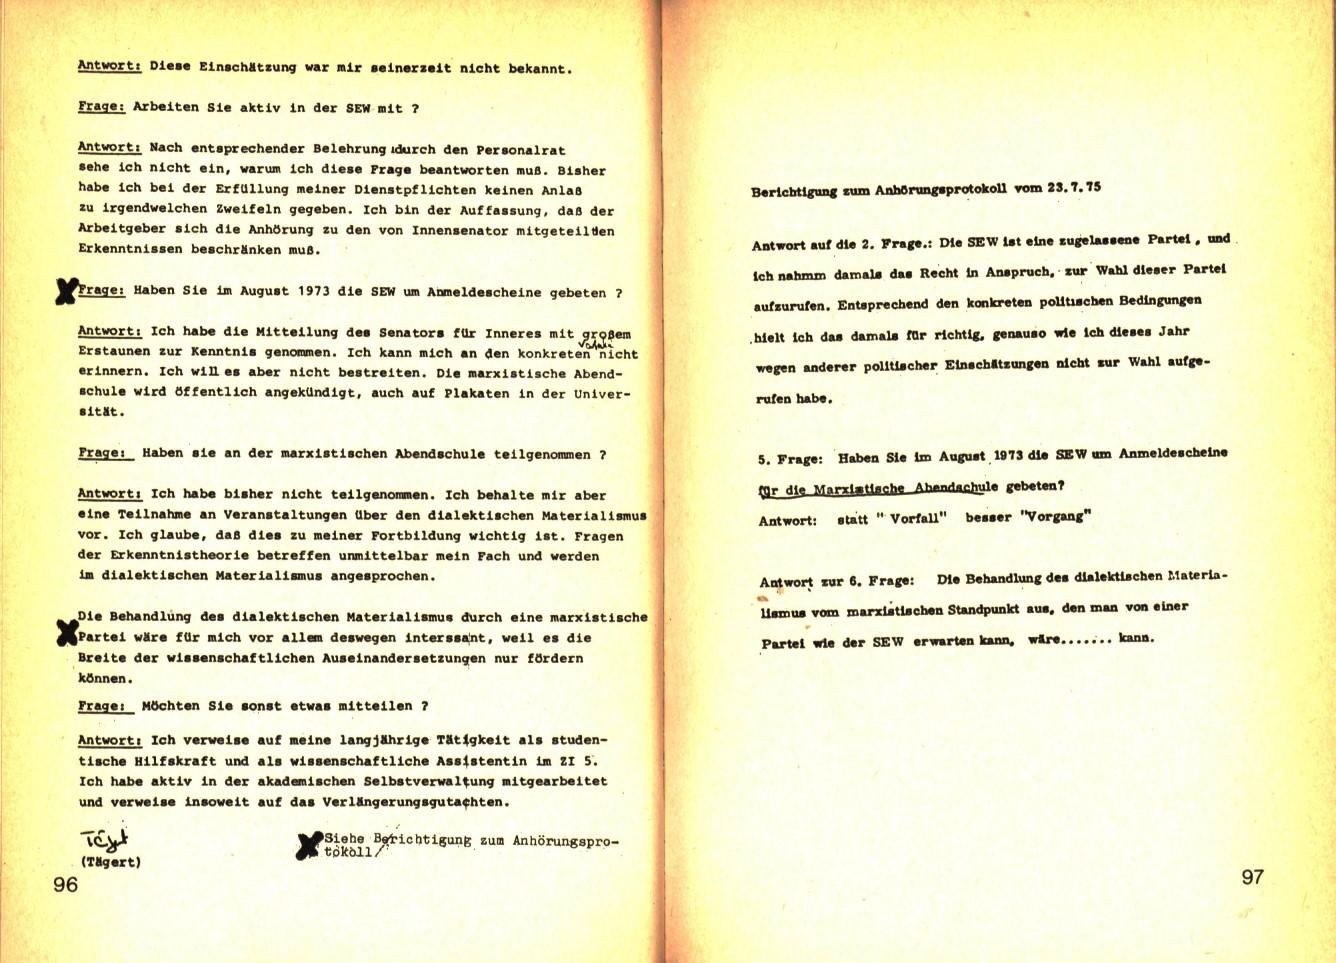 Berlin_VDS_Aktionskomitee_1976_BerufsverboteIII_50